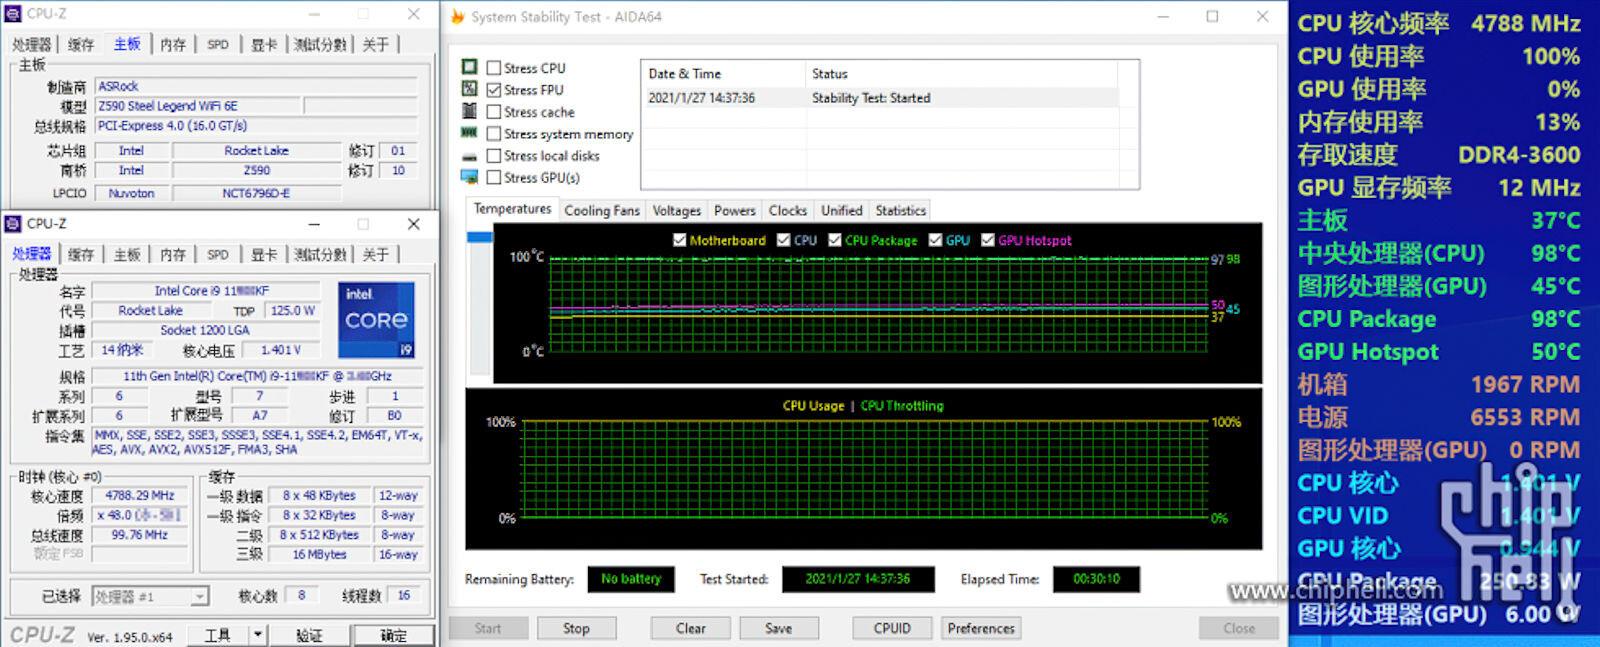 ثبت رکورد تولید گرمای 98 درجه سانتیگراد توسط پردازنده Core i9-11900KF